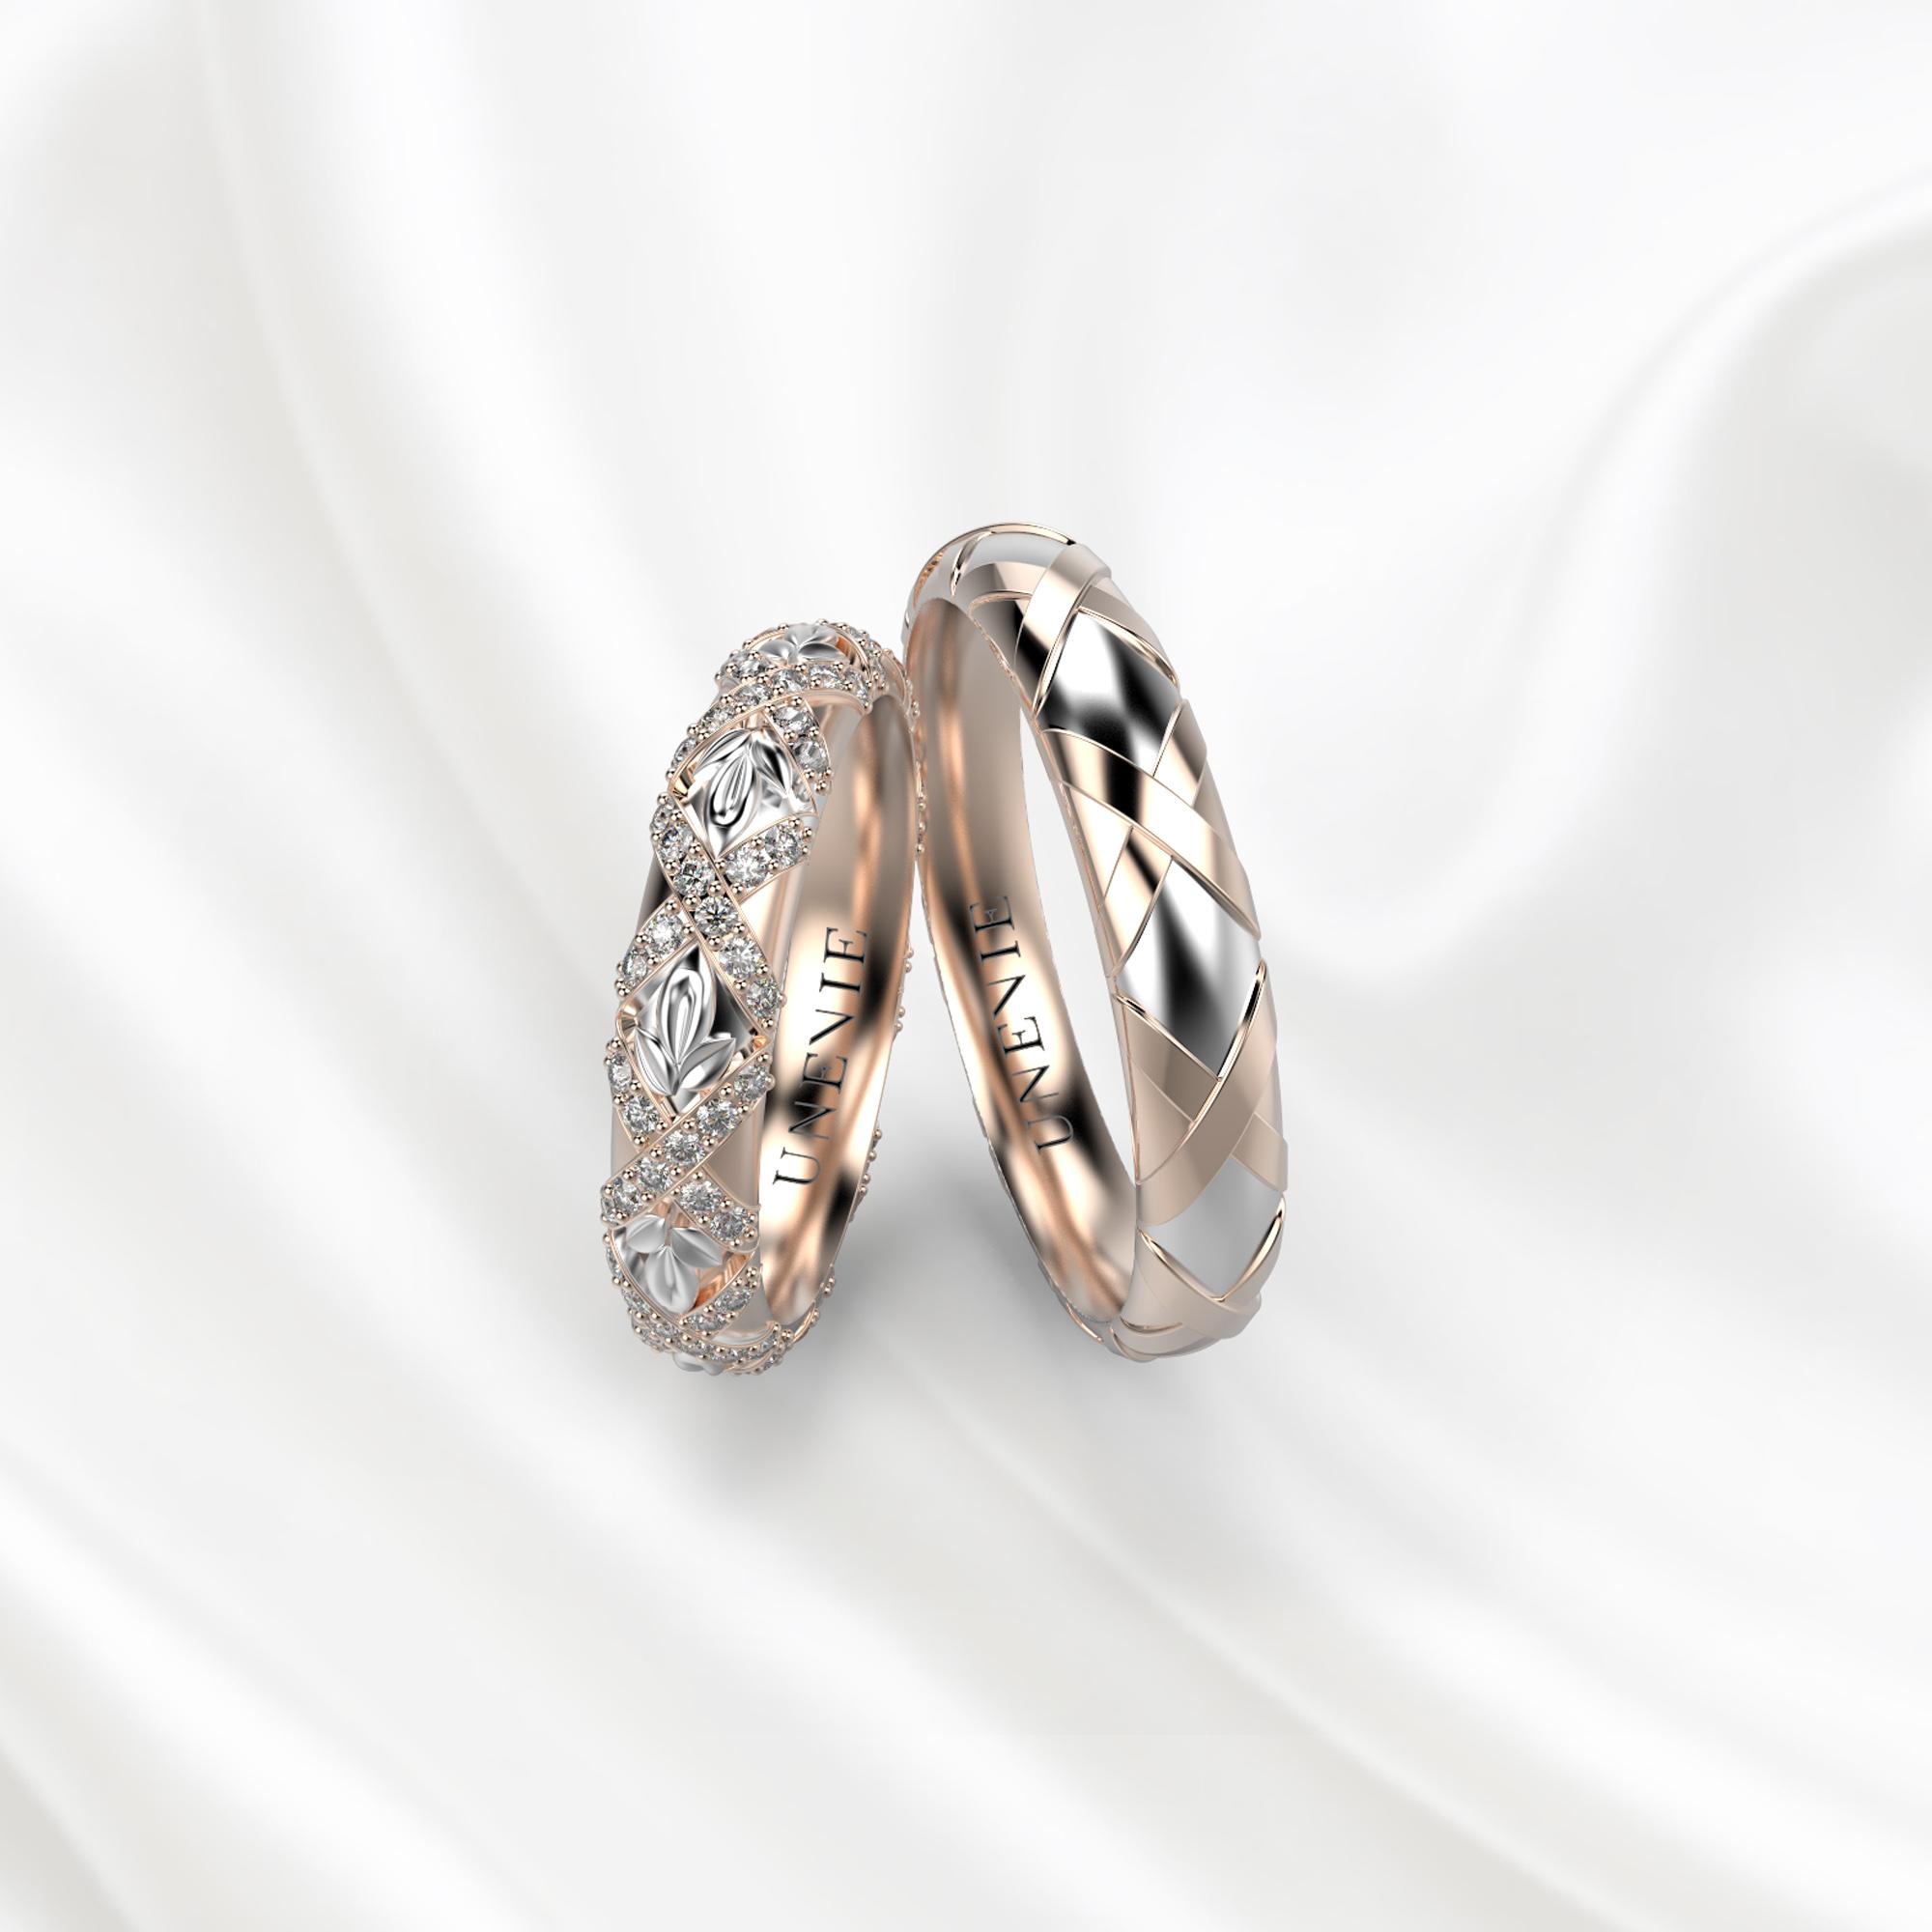 NV27 Обручальные кольца из розово-белого золота с бриллиантами